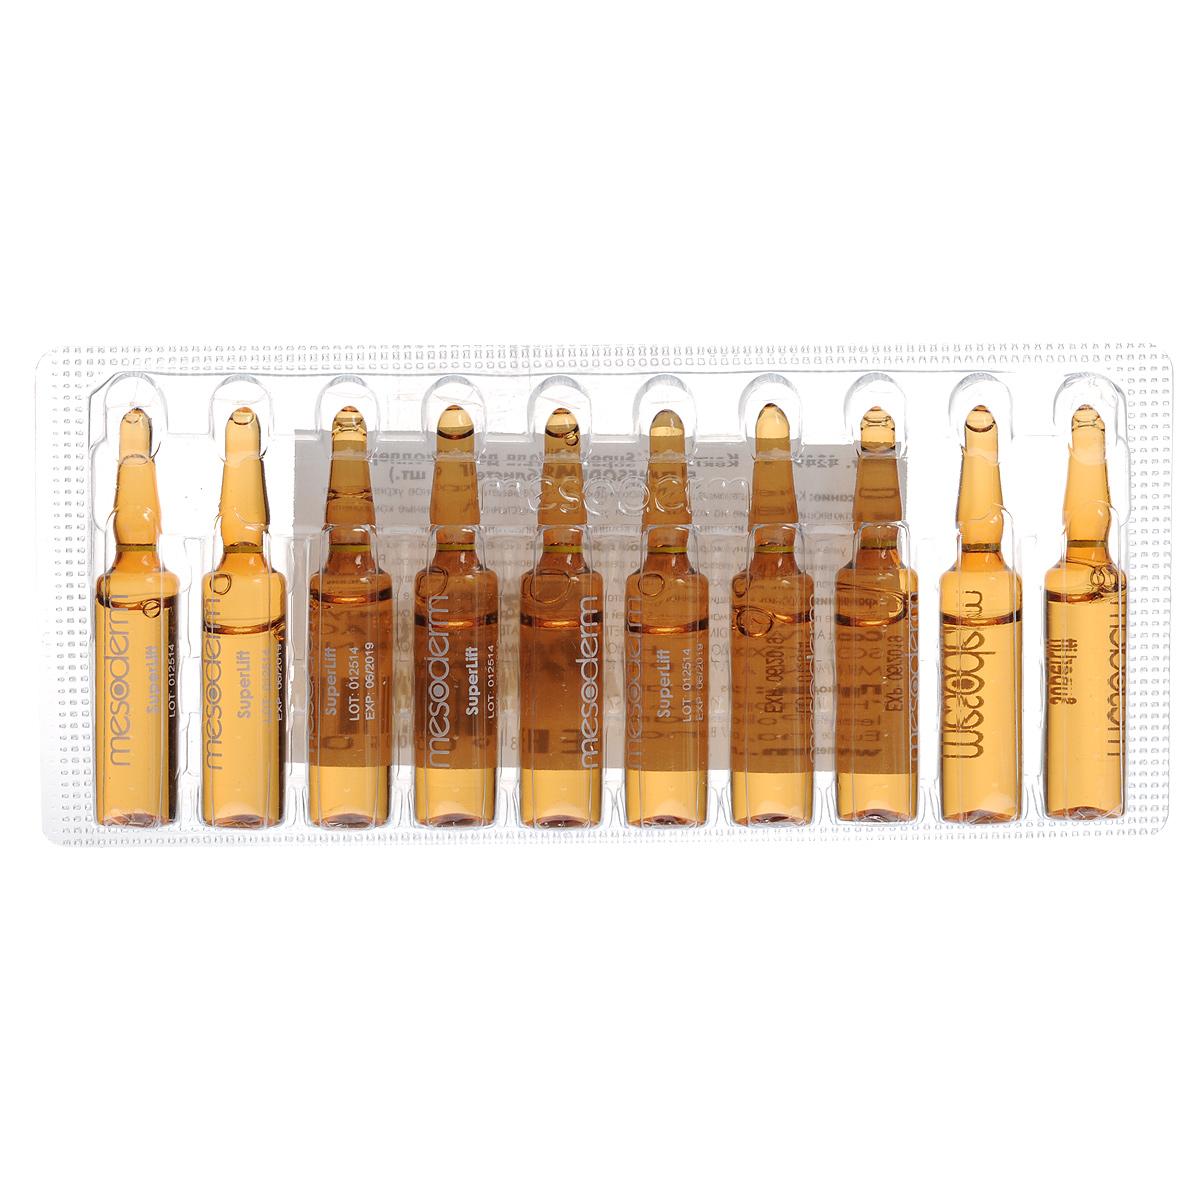 Mesoderm Коктейль-сыворотка для лица, шеи, области декольте SuperLift против увядающей кожи, для дермороллера, 10х5 мл424904Концентрированный коктейль, предназначенный для решения проблем увядающей кожи всех типов, а также для профилактики преждевременного старения. Использование коктейля в сочетании с дермароллером оказывает выраженный лифтинговый эффект наряду с превосходным увлажнением и повышением эластичности кожи. Применение дермароллера является одним из самых действенных современных методов для устранения морщин и сохранения здоровья и молодости кожи, без риска, боли и уколов. Использование дермароллера гарантировано уменьшает глубину морщин, как мимических, так и возрастных, значительно улучшает внешний вид и состояние кожи, независимо от возраста и типа кожи. Тончайшие микроканалы, созданные в коже микроиглами дермароллера во время процедуры, являются проводниками активных компонентов коктейля на необходимую глубину. Благодаря дермароллеру, эффективность действия компонентов коктейля повышается до 50%, что позволяет получить великолепный результат при минимально...